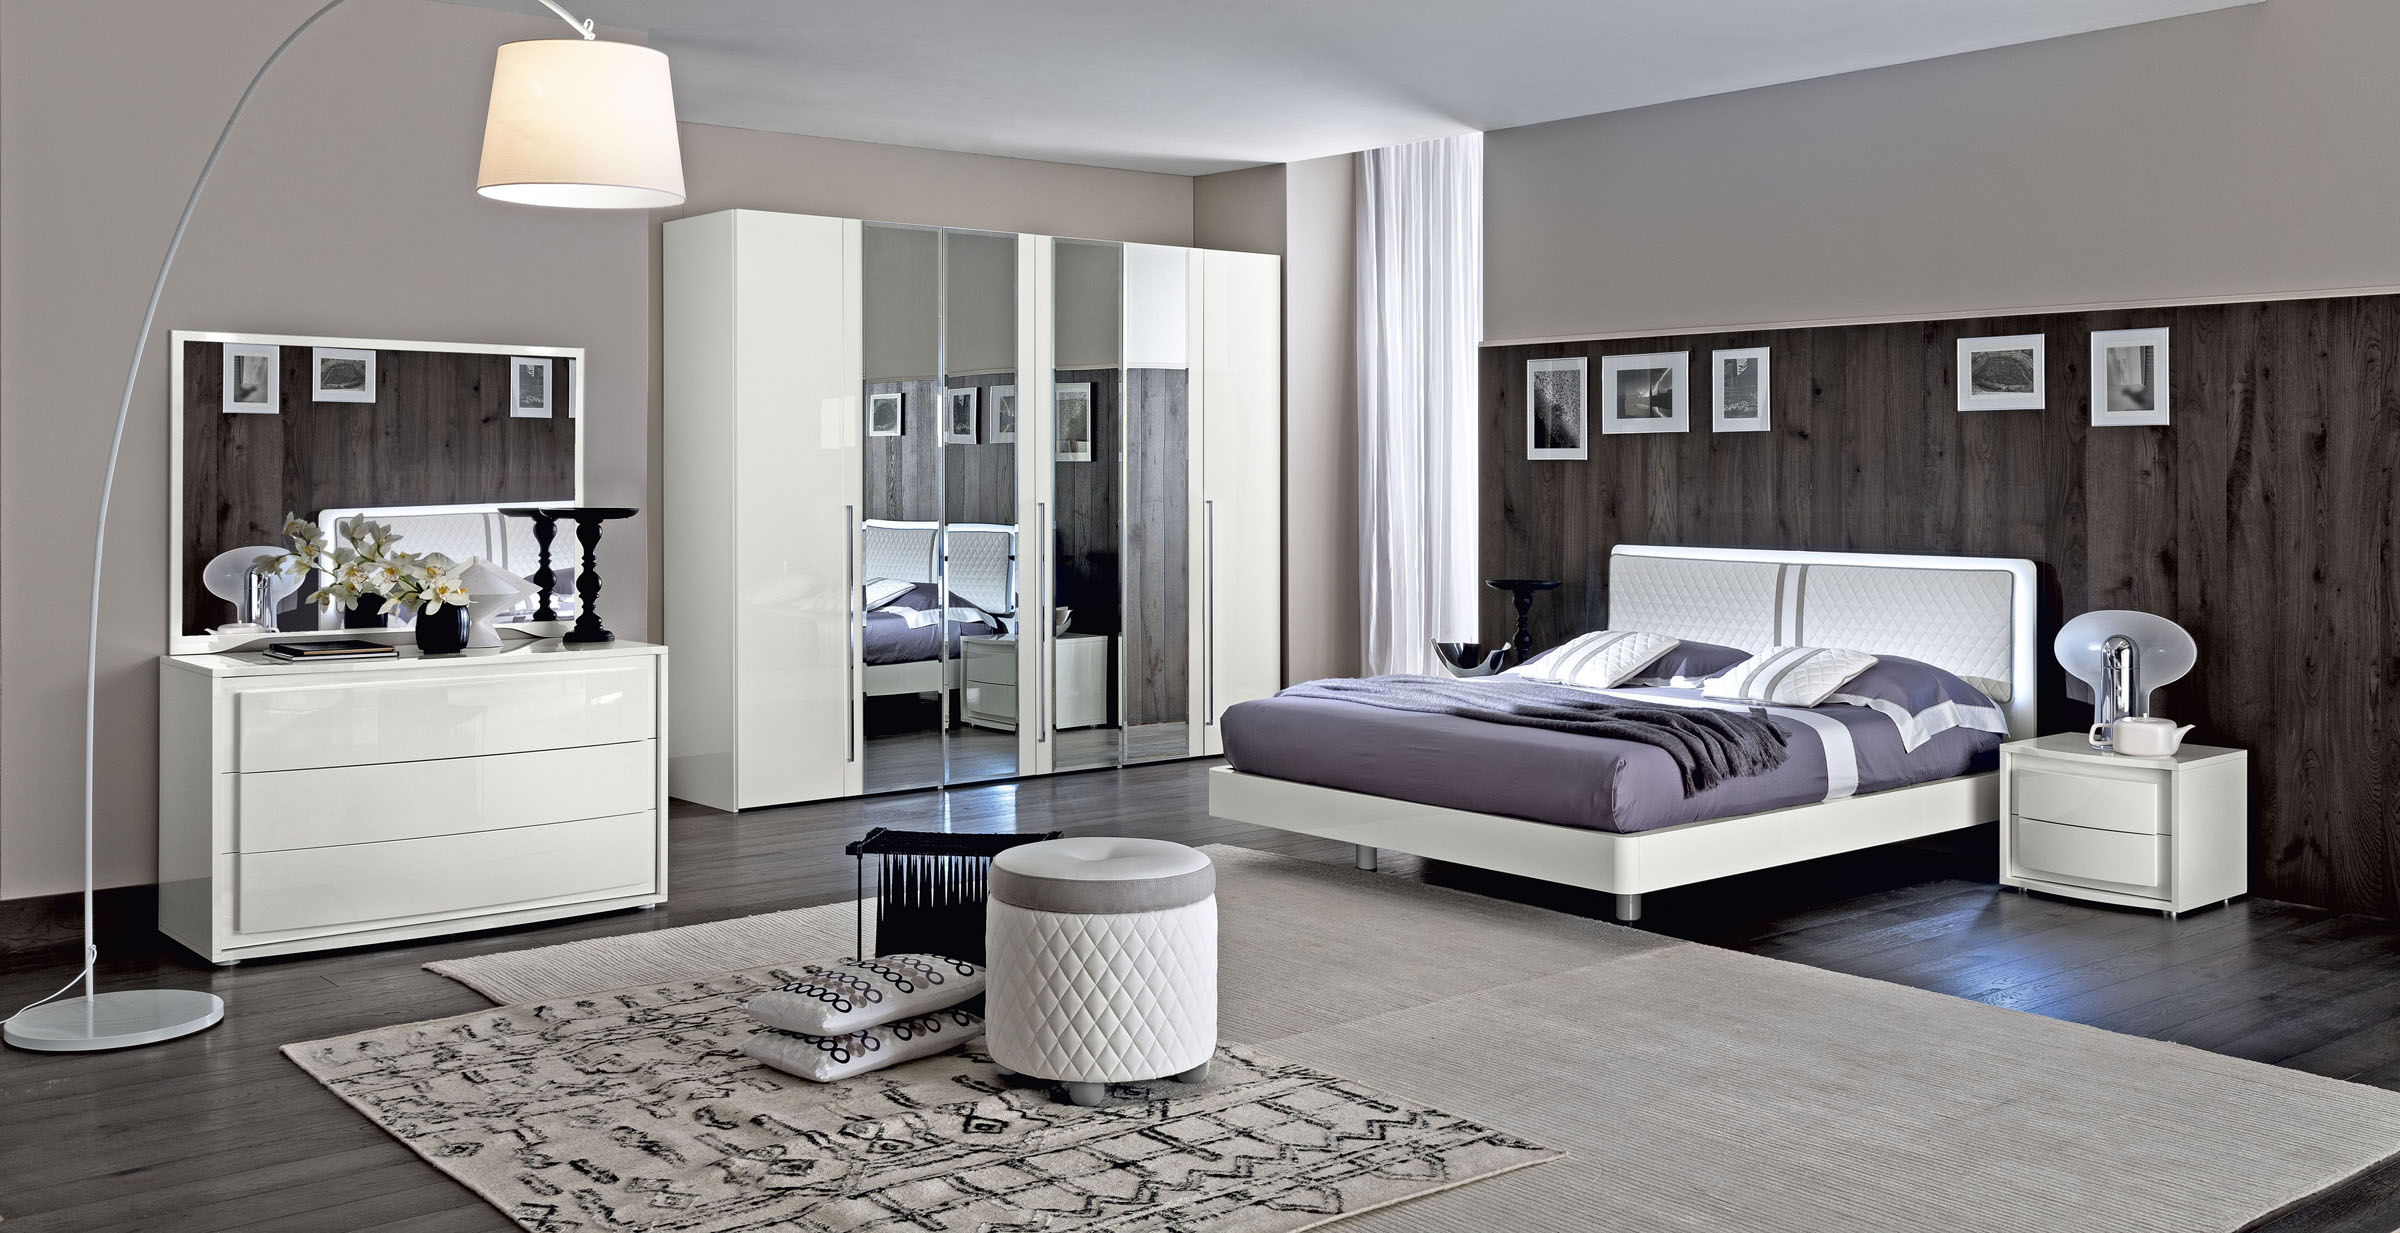 Full Size of Luxus Schlafzimmer Wohnideen Modern Bett Lampe Wandtattoos Komplettes Schranksysteme Regal Deckenleuchte Rauch Mit überbau Komplettangebote Günstige Komplett Schlafzimmer Luxus Schlafzimmer